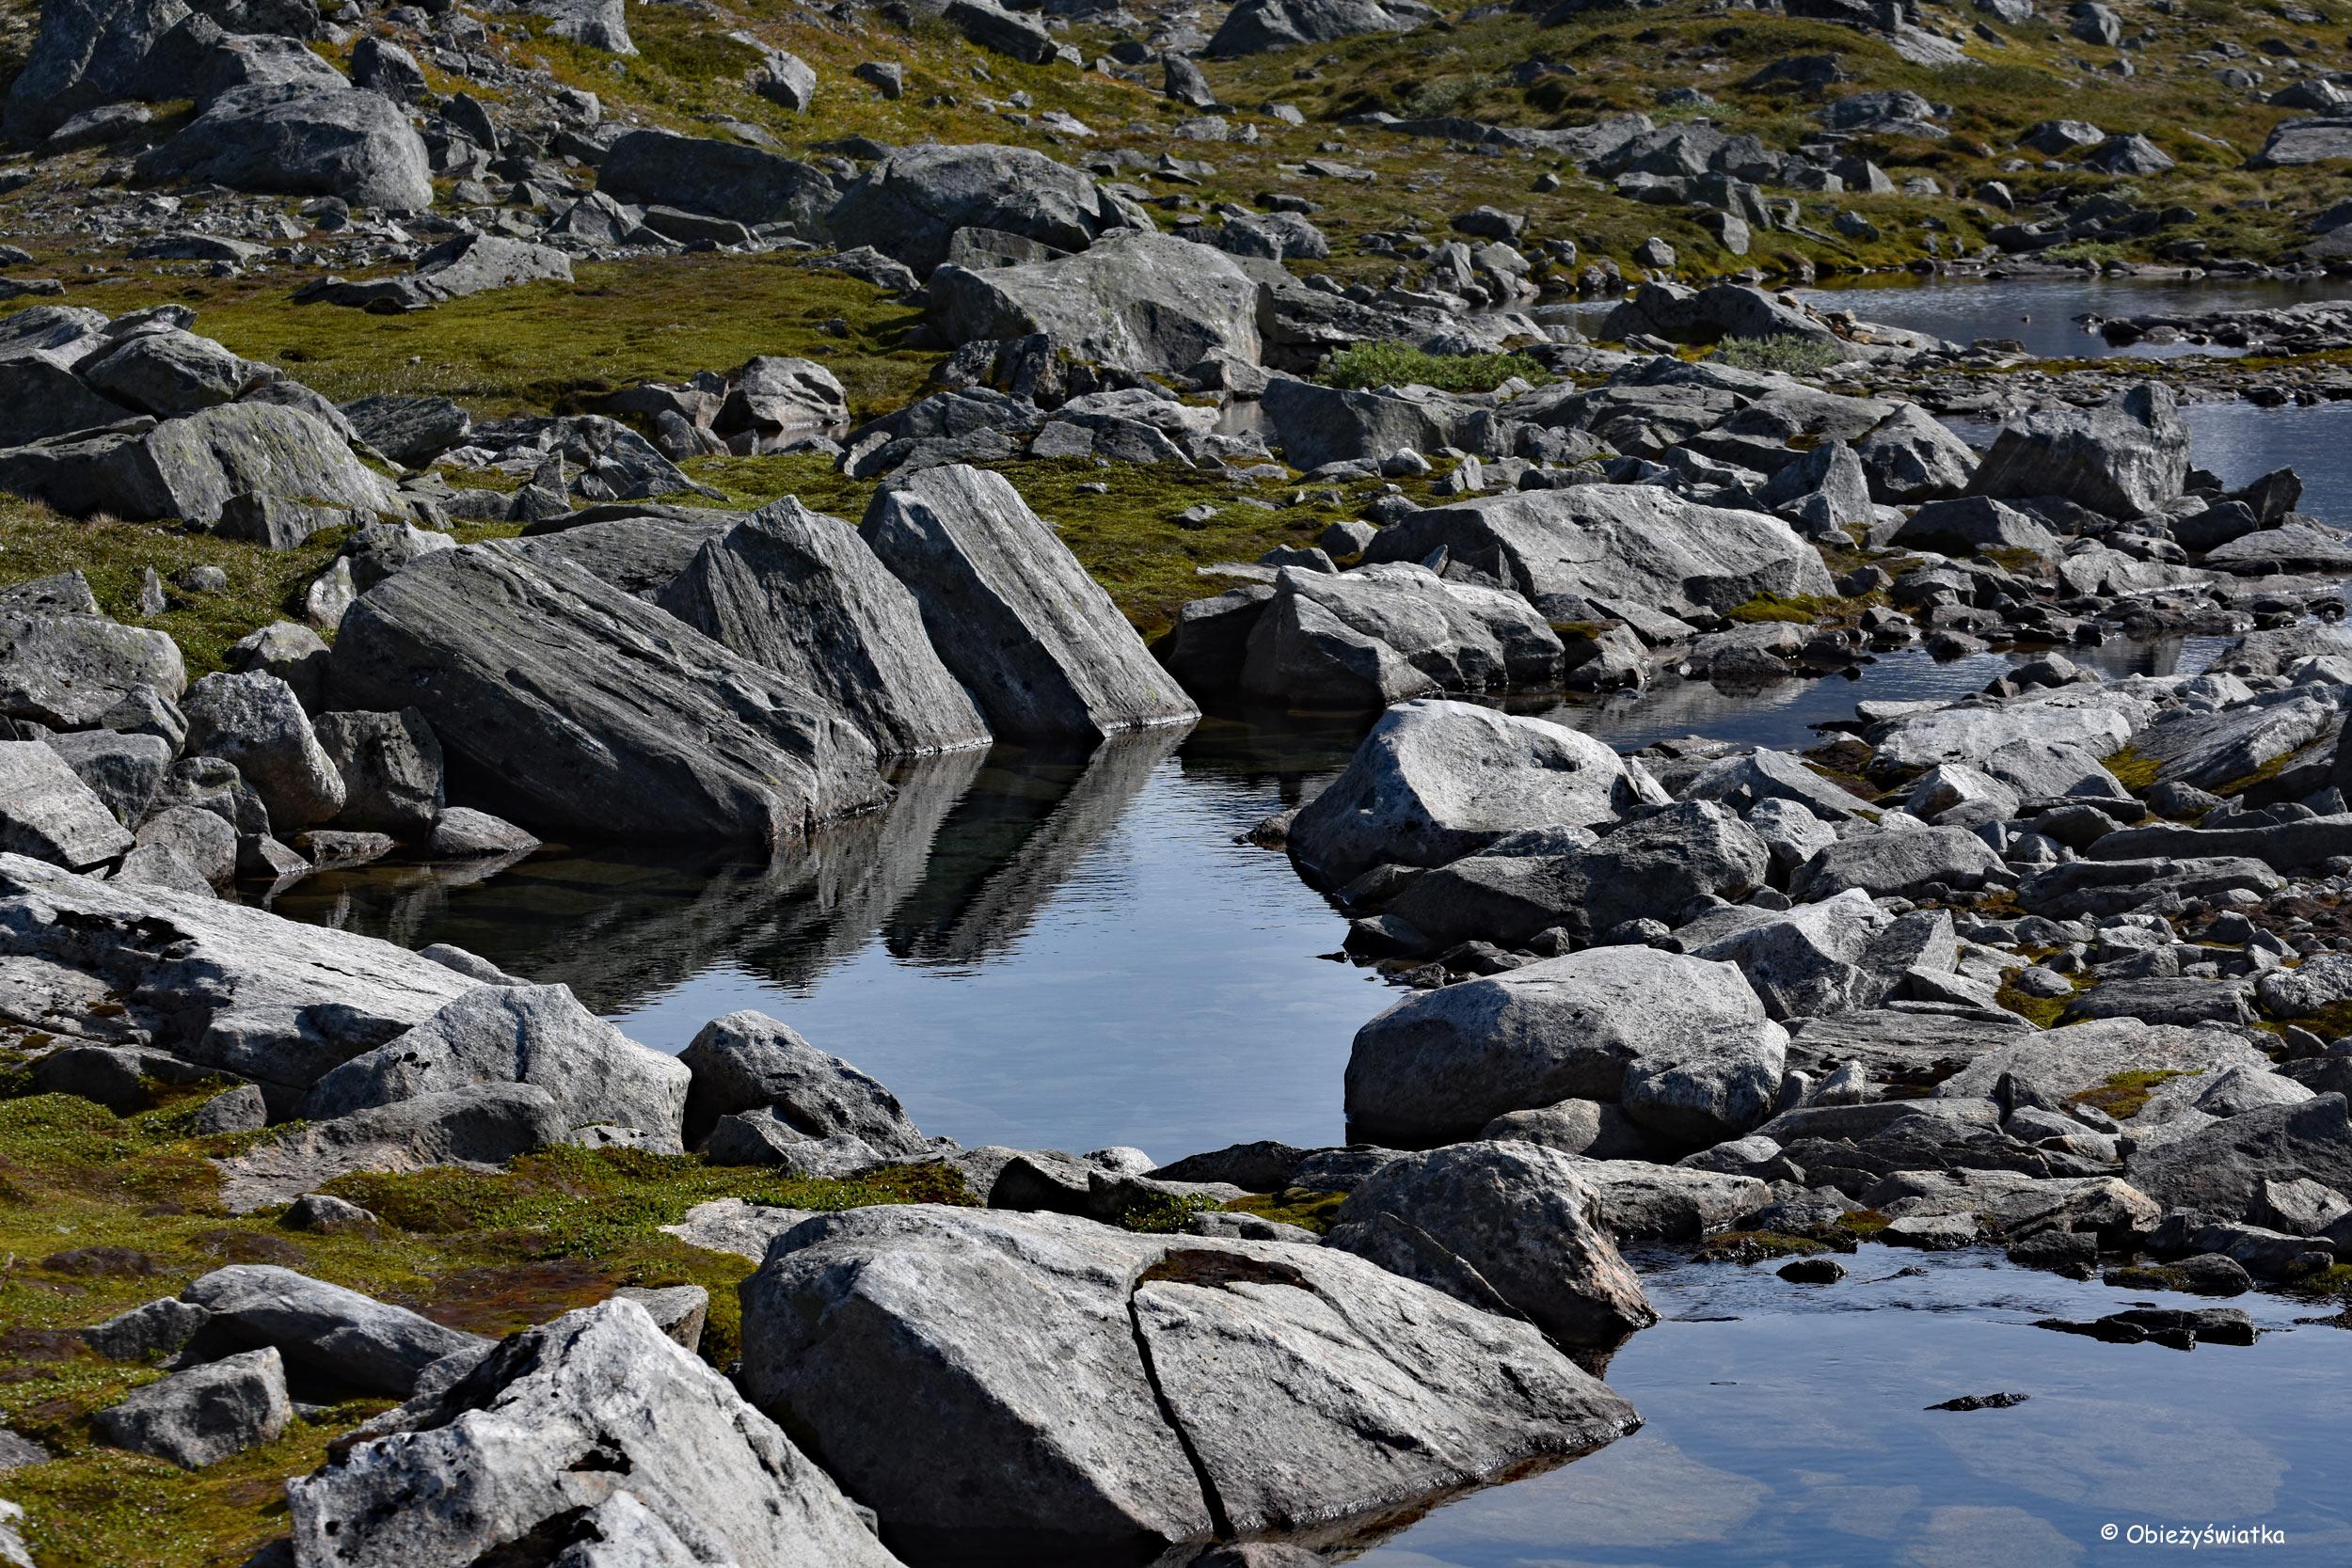 Przeskakując po kamieniach - Gamle Strynefjellsvegen, Norwegia